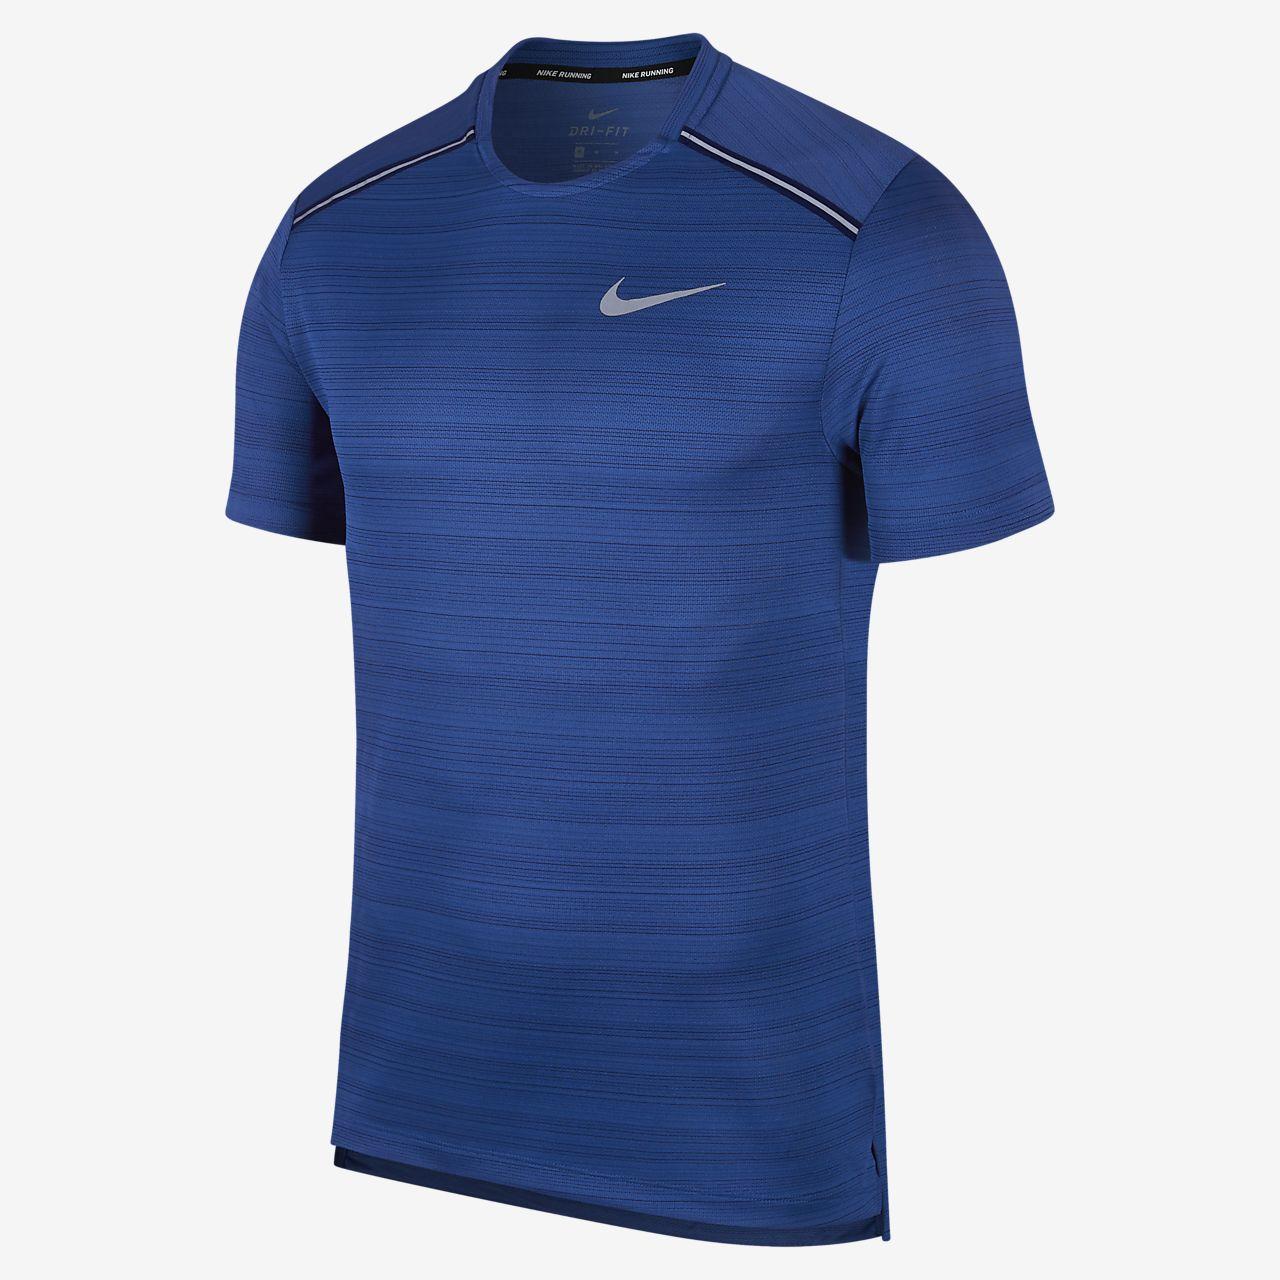 Haut de running à manches courtes Nike Dri-FIT Miler pour Homme